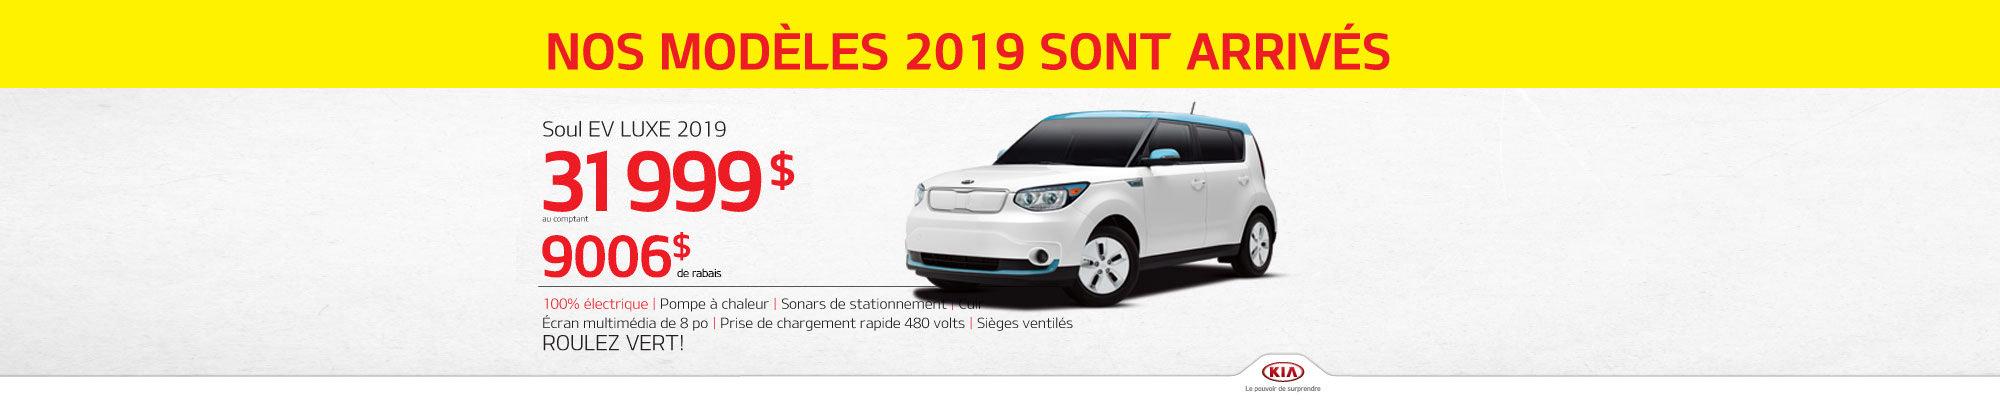 Roulez 100% électrique avec le Soul EV LUXE 2019 web